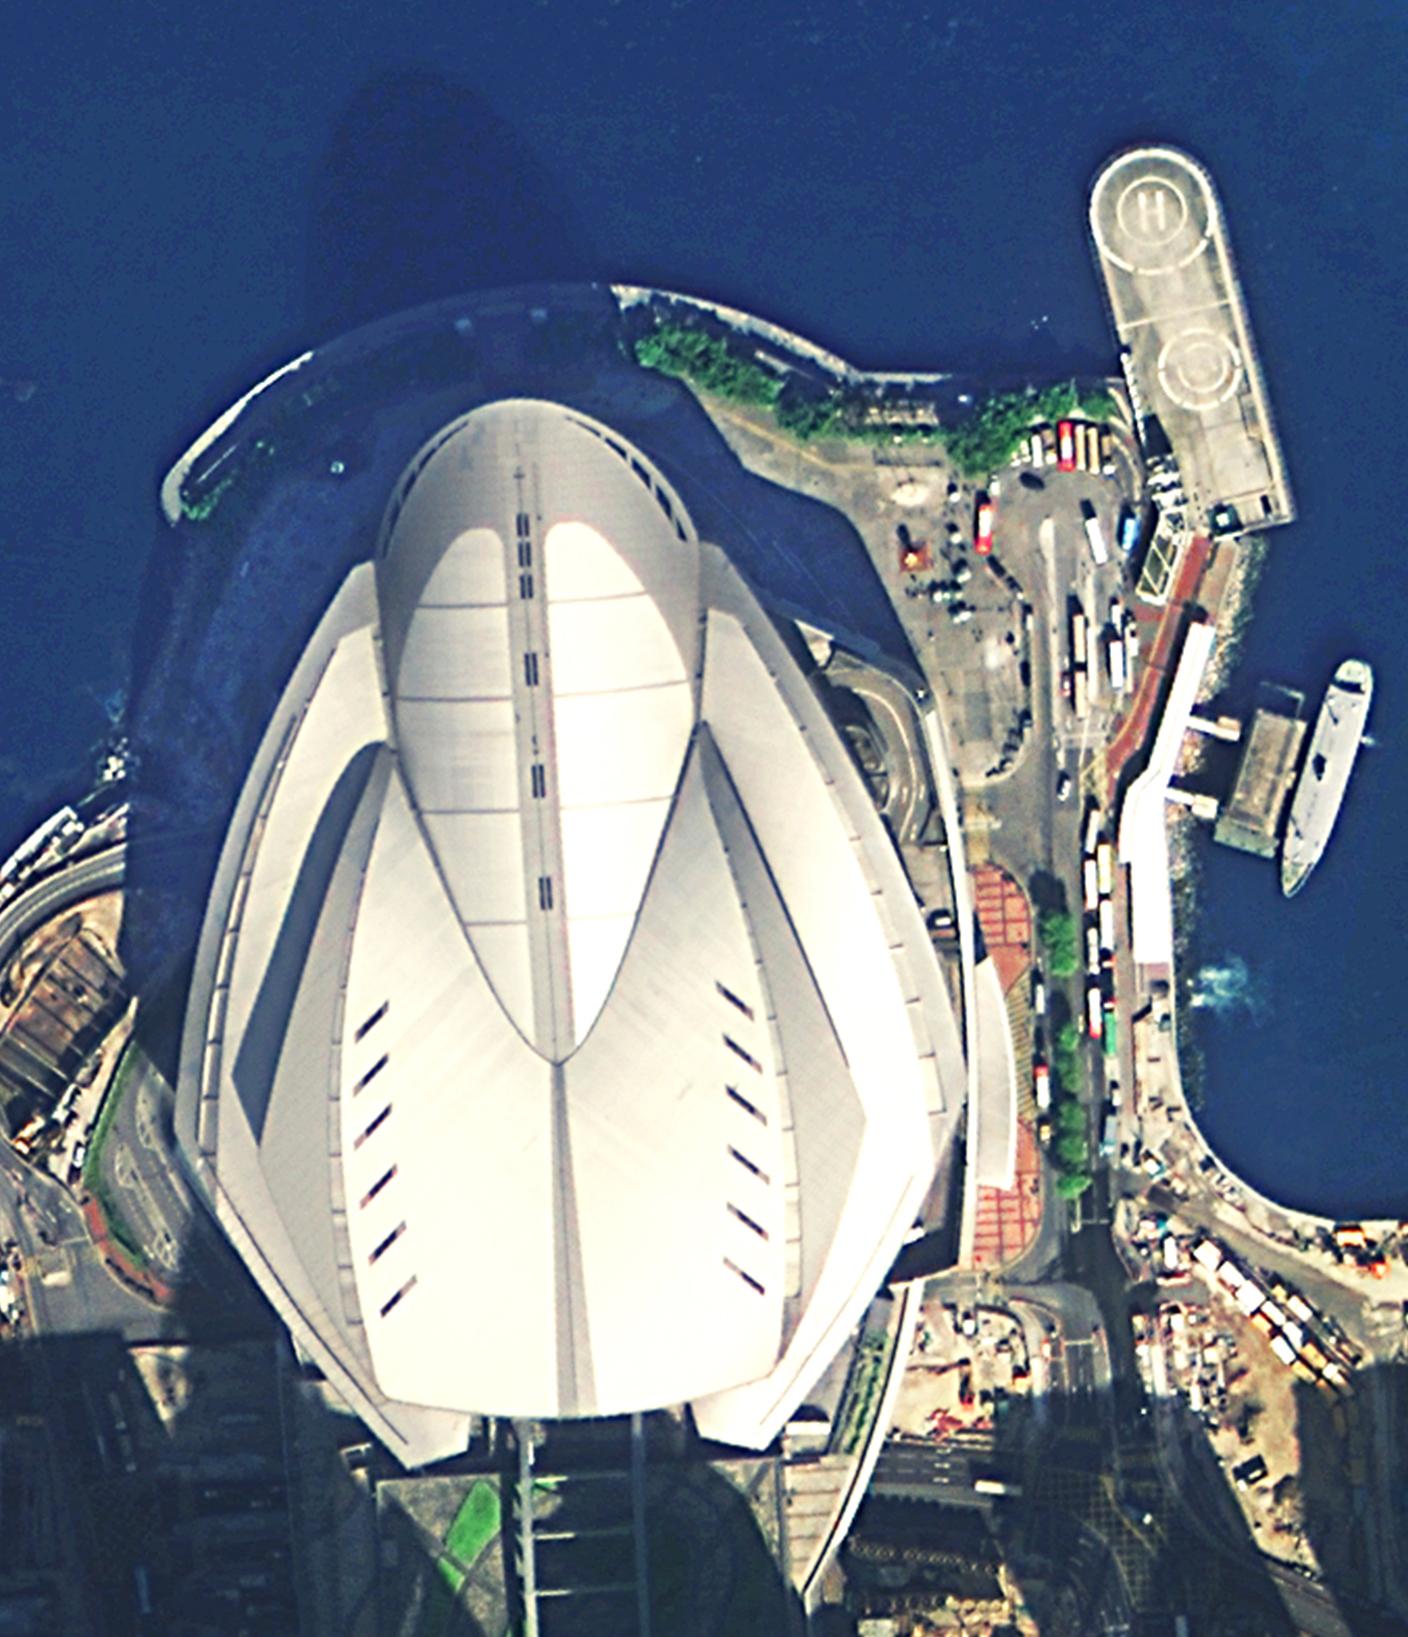 高景一號獲得的香港會展中心圖像。(四維測繪供圖)